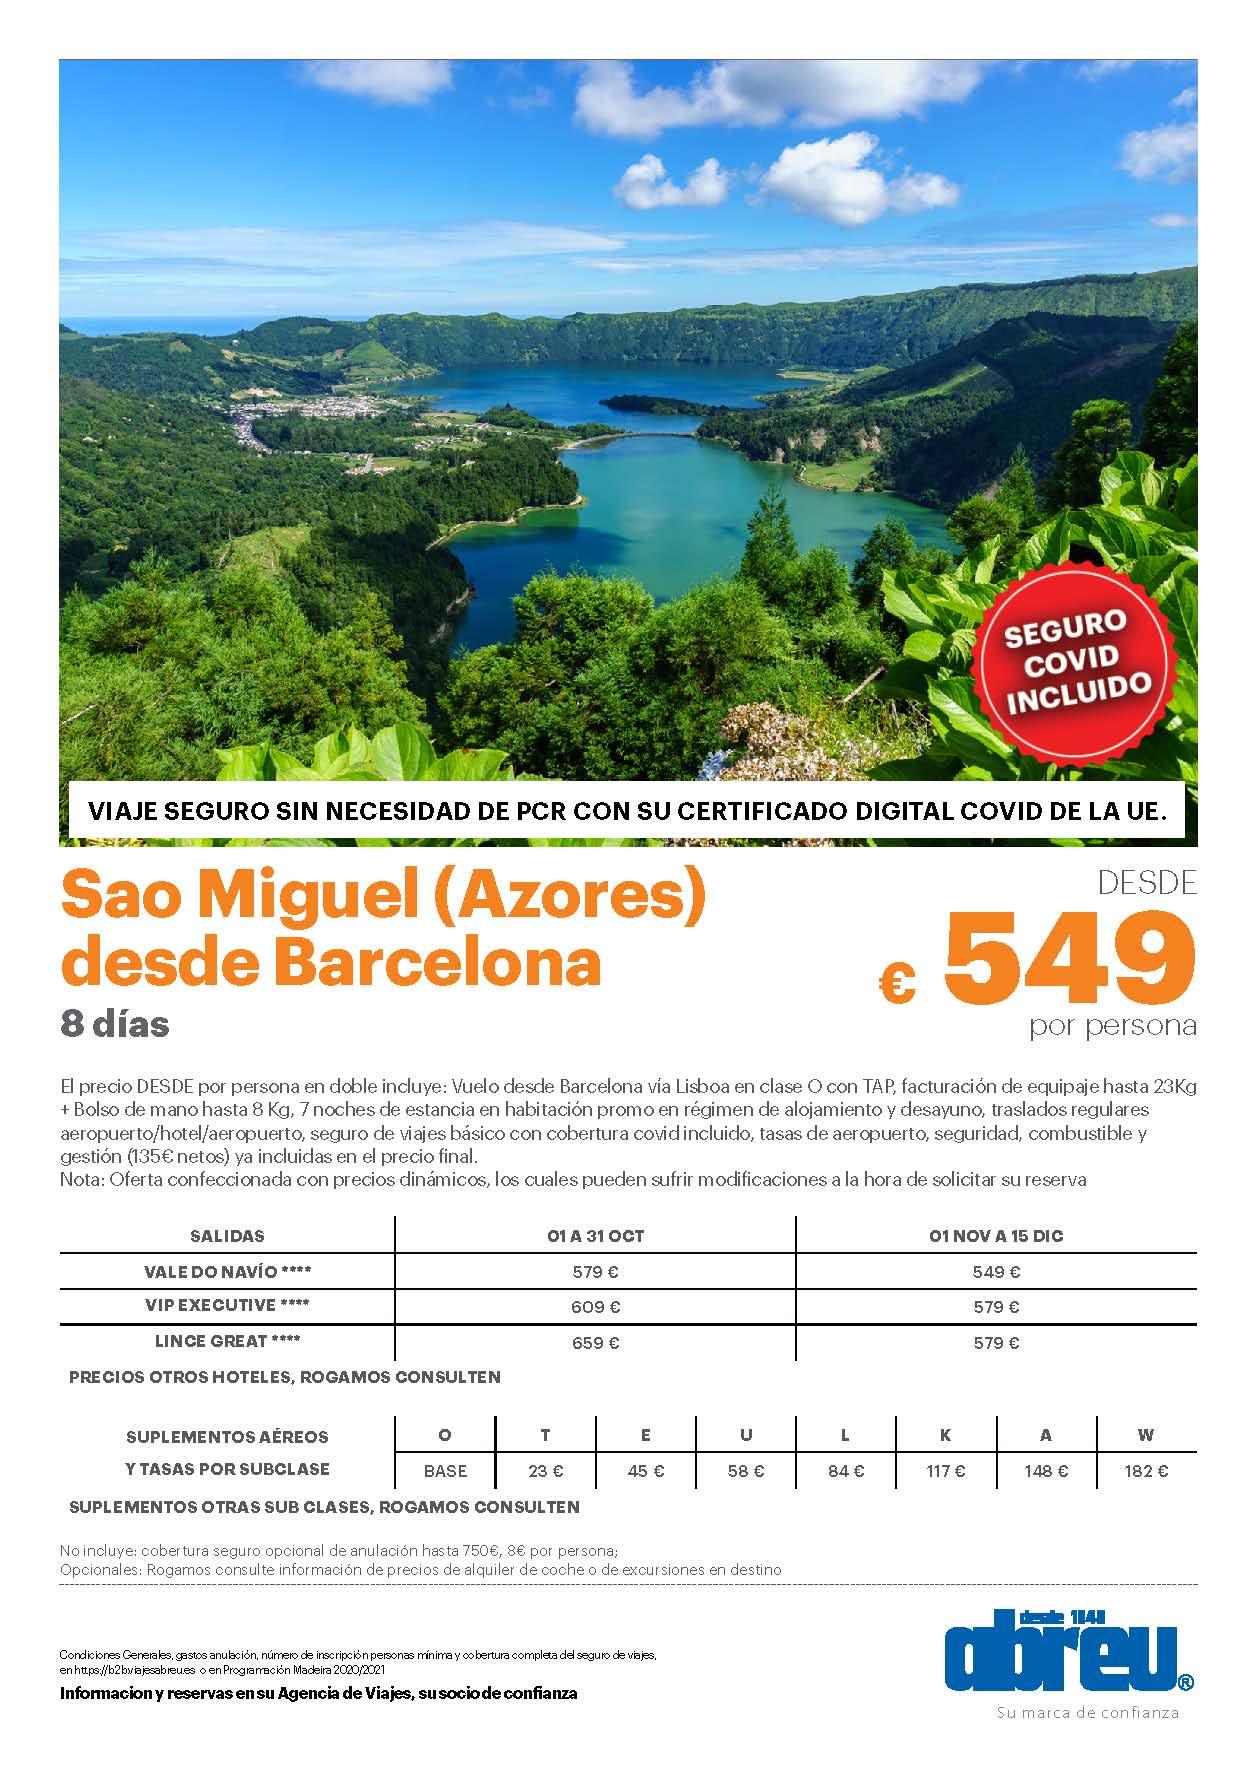 Oferta Abreu Azores Isla de Sao Miguel Octubre Noviembre y Diciembre 2021 salidas desde Barcelona